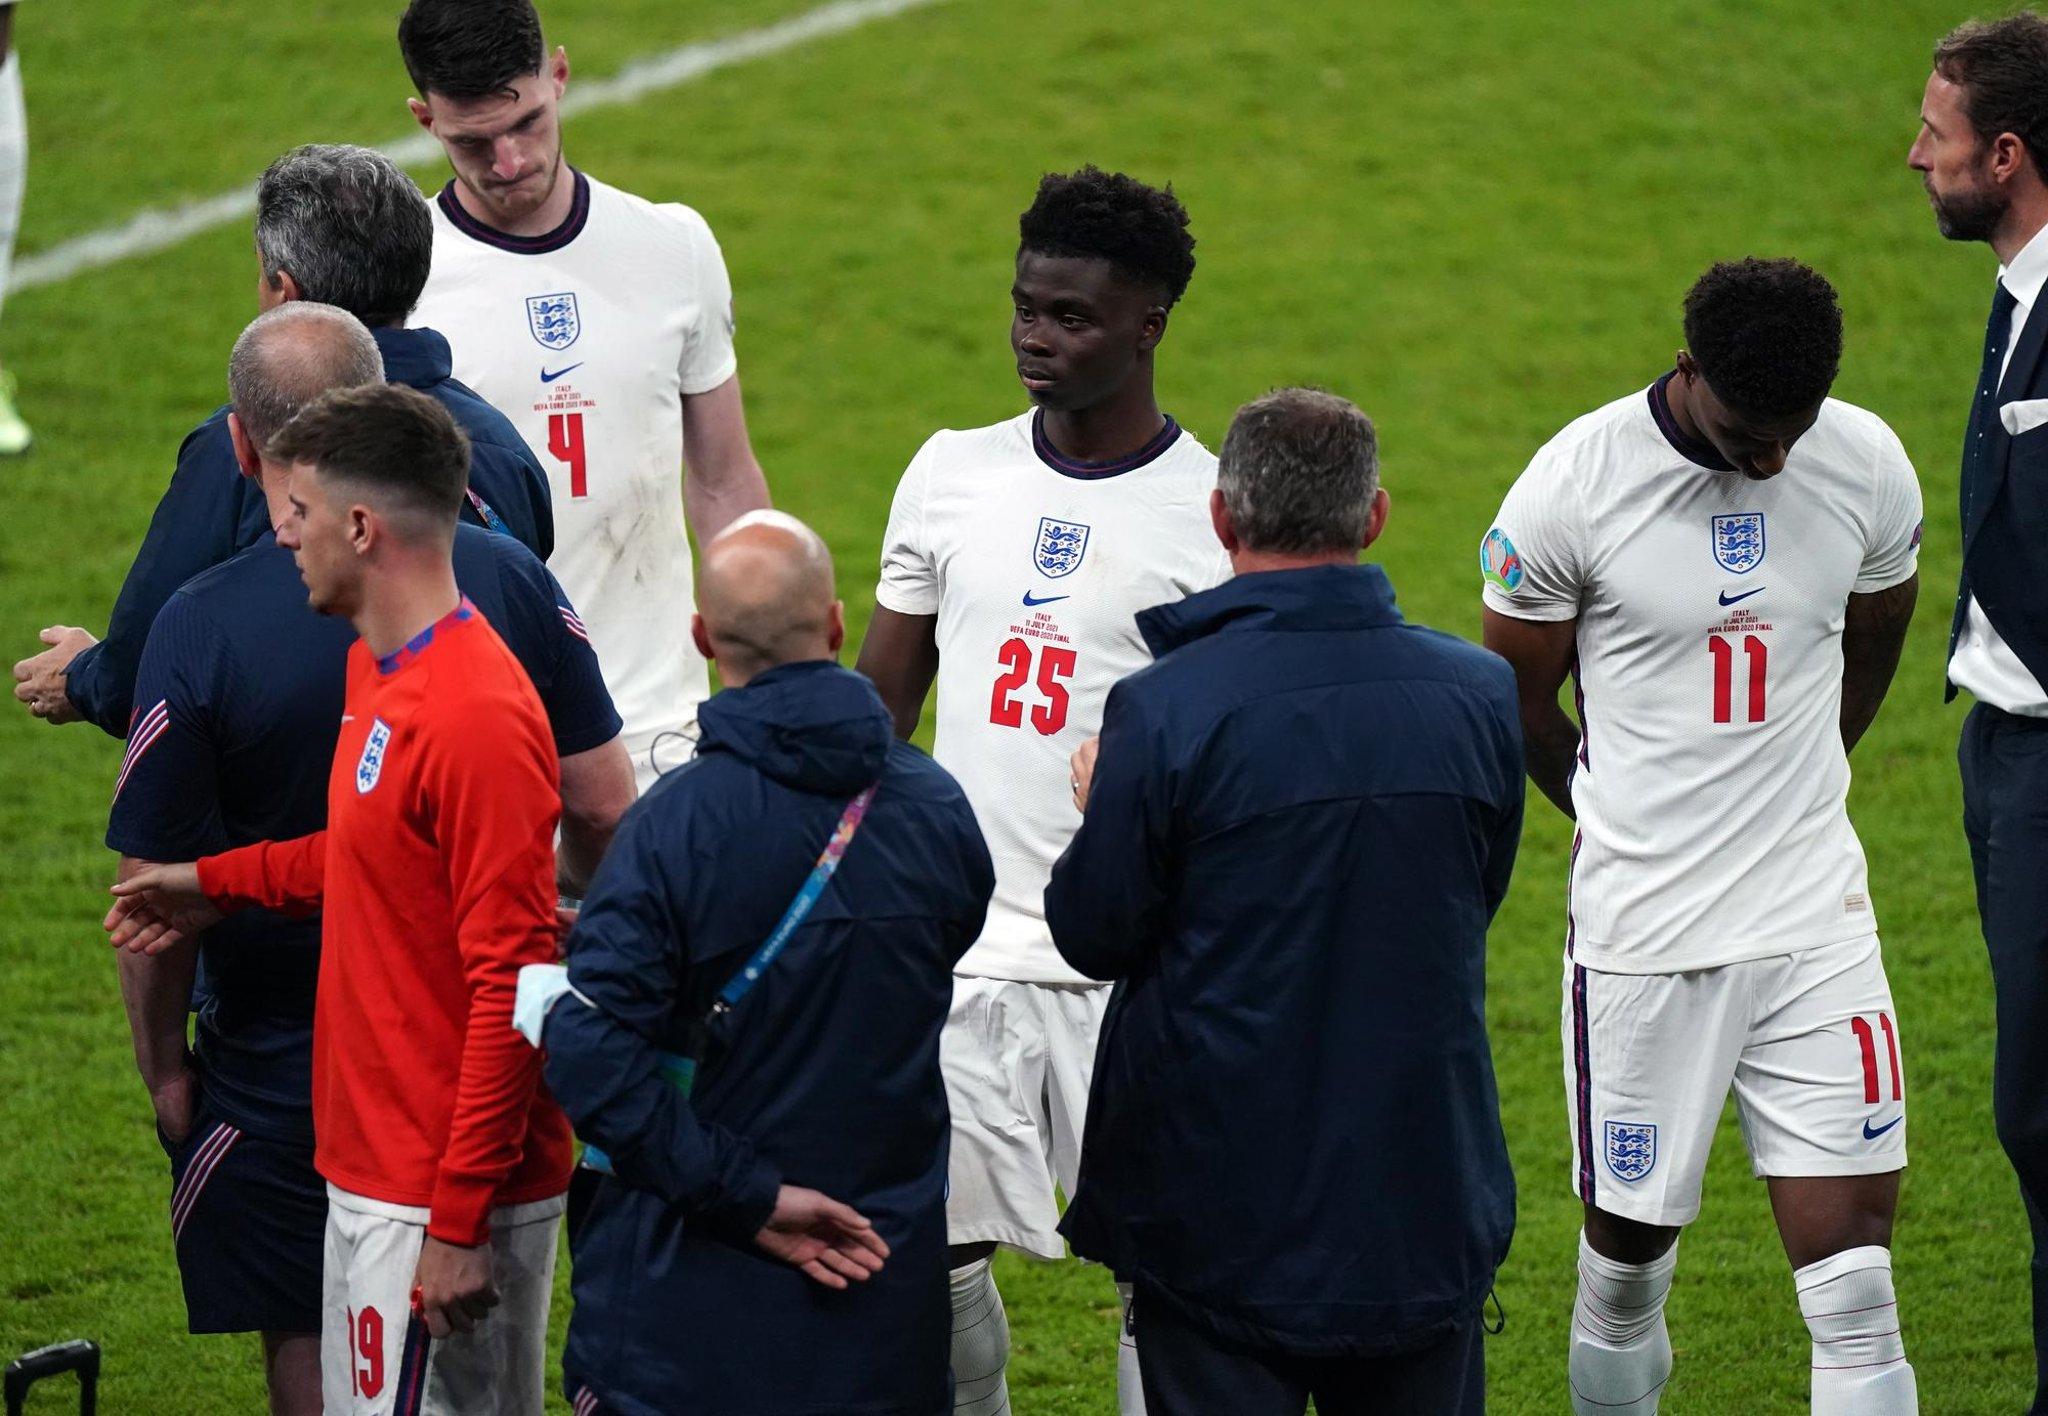 جیدون سانچو، بوکایو ساکا، مارکوس رشفورد و رحیم استرلینگ از تیم ملی انگلیس نزدیک به 2,000 توییت توهین آمیز و نژادپرستانه دریافت کرده اند.